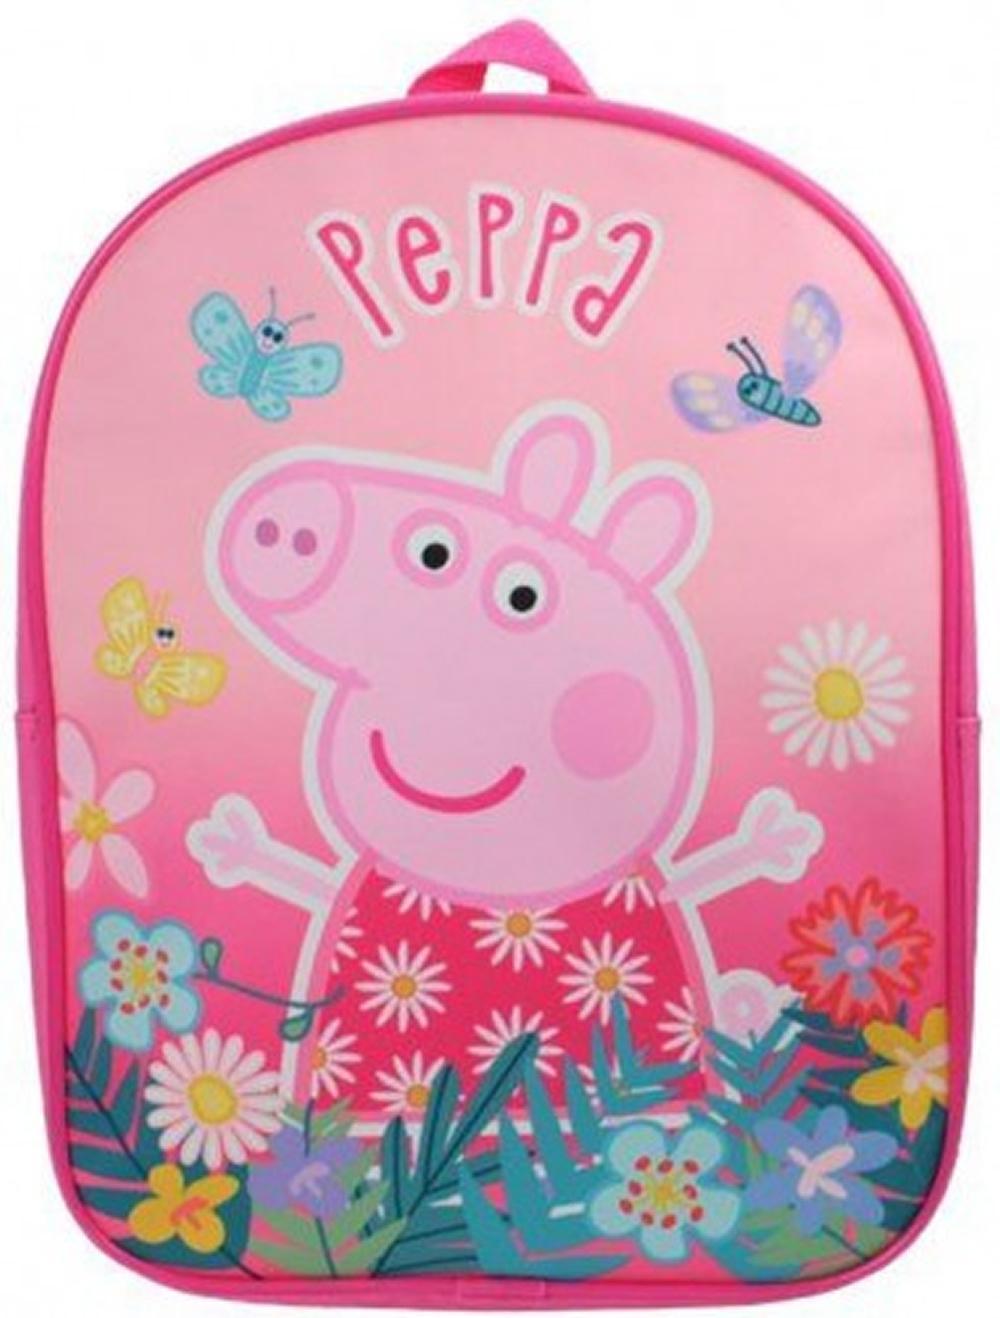 Peppa Pig Beatiful Pink School Bag Rucksack Backpack